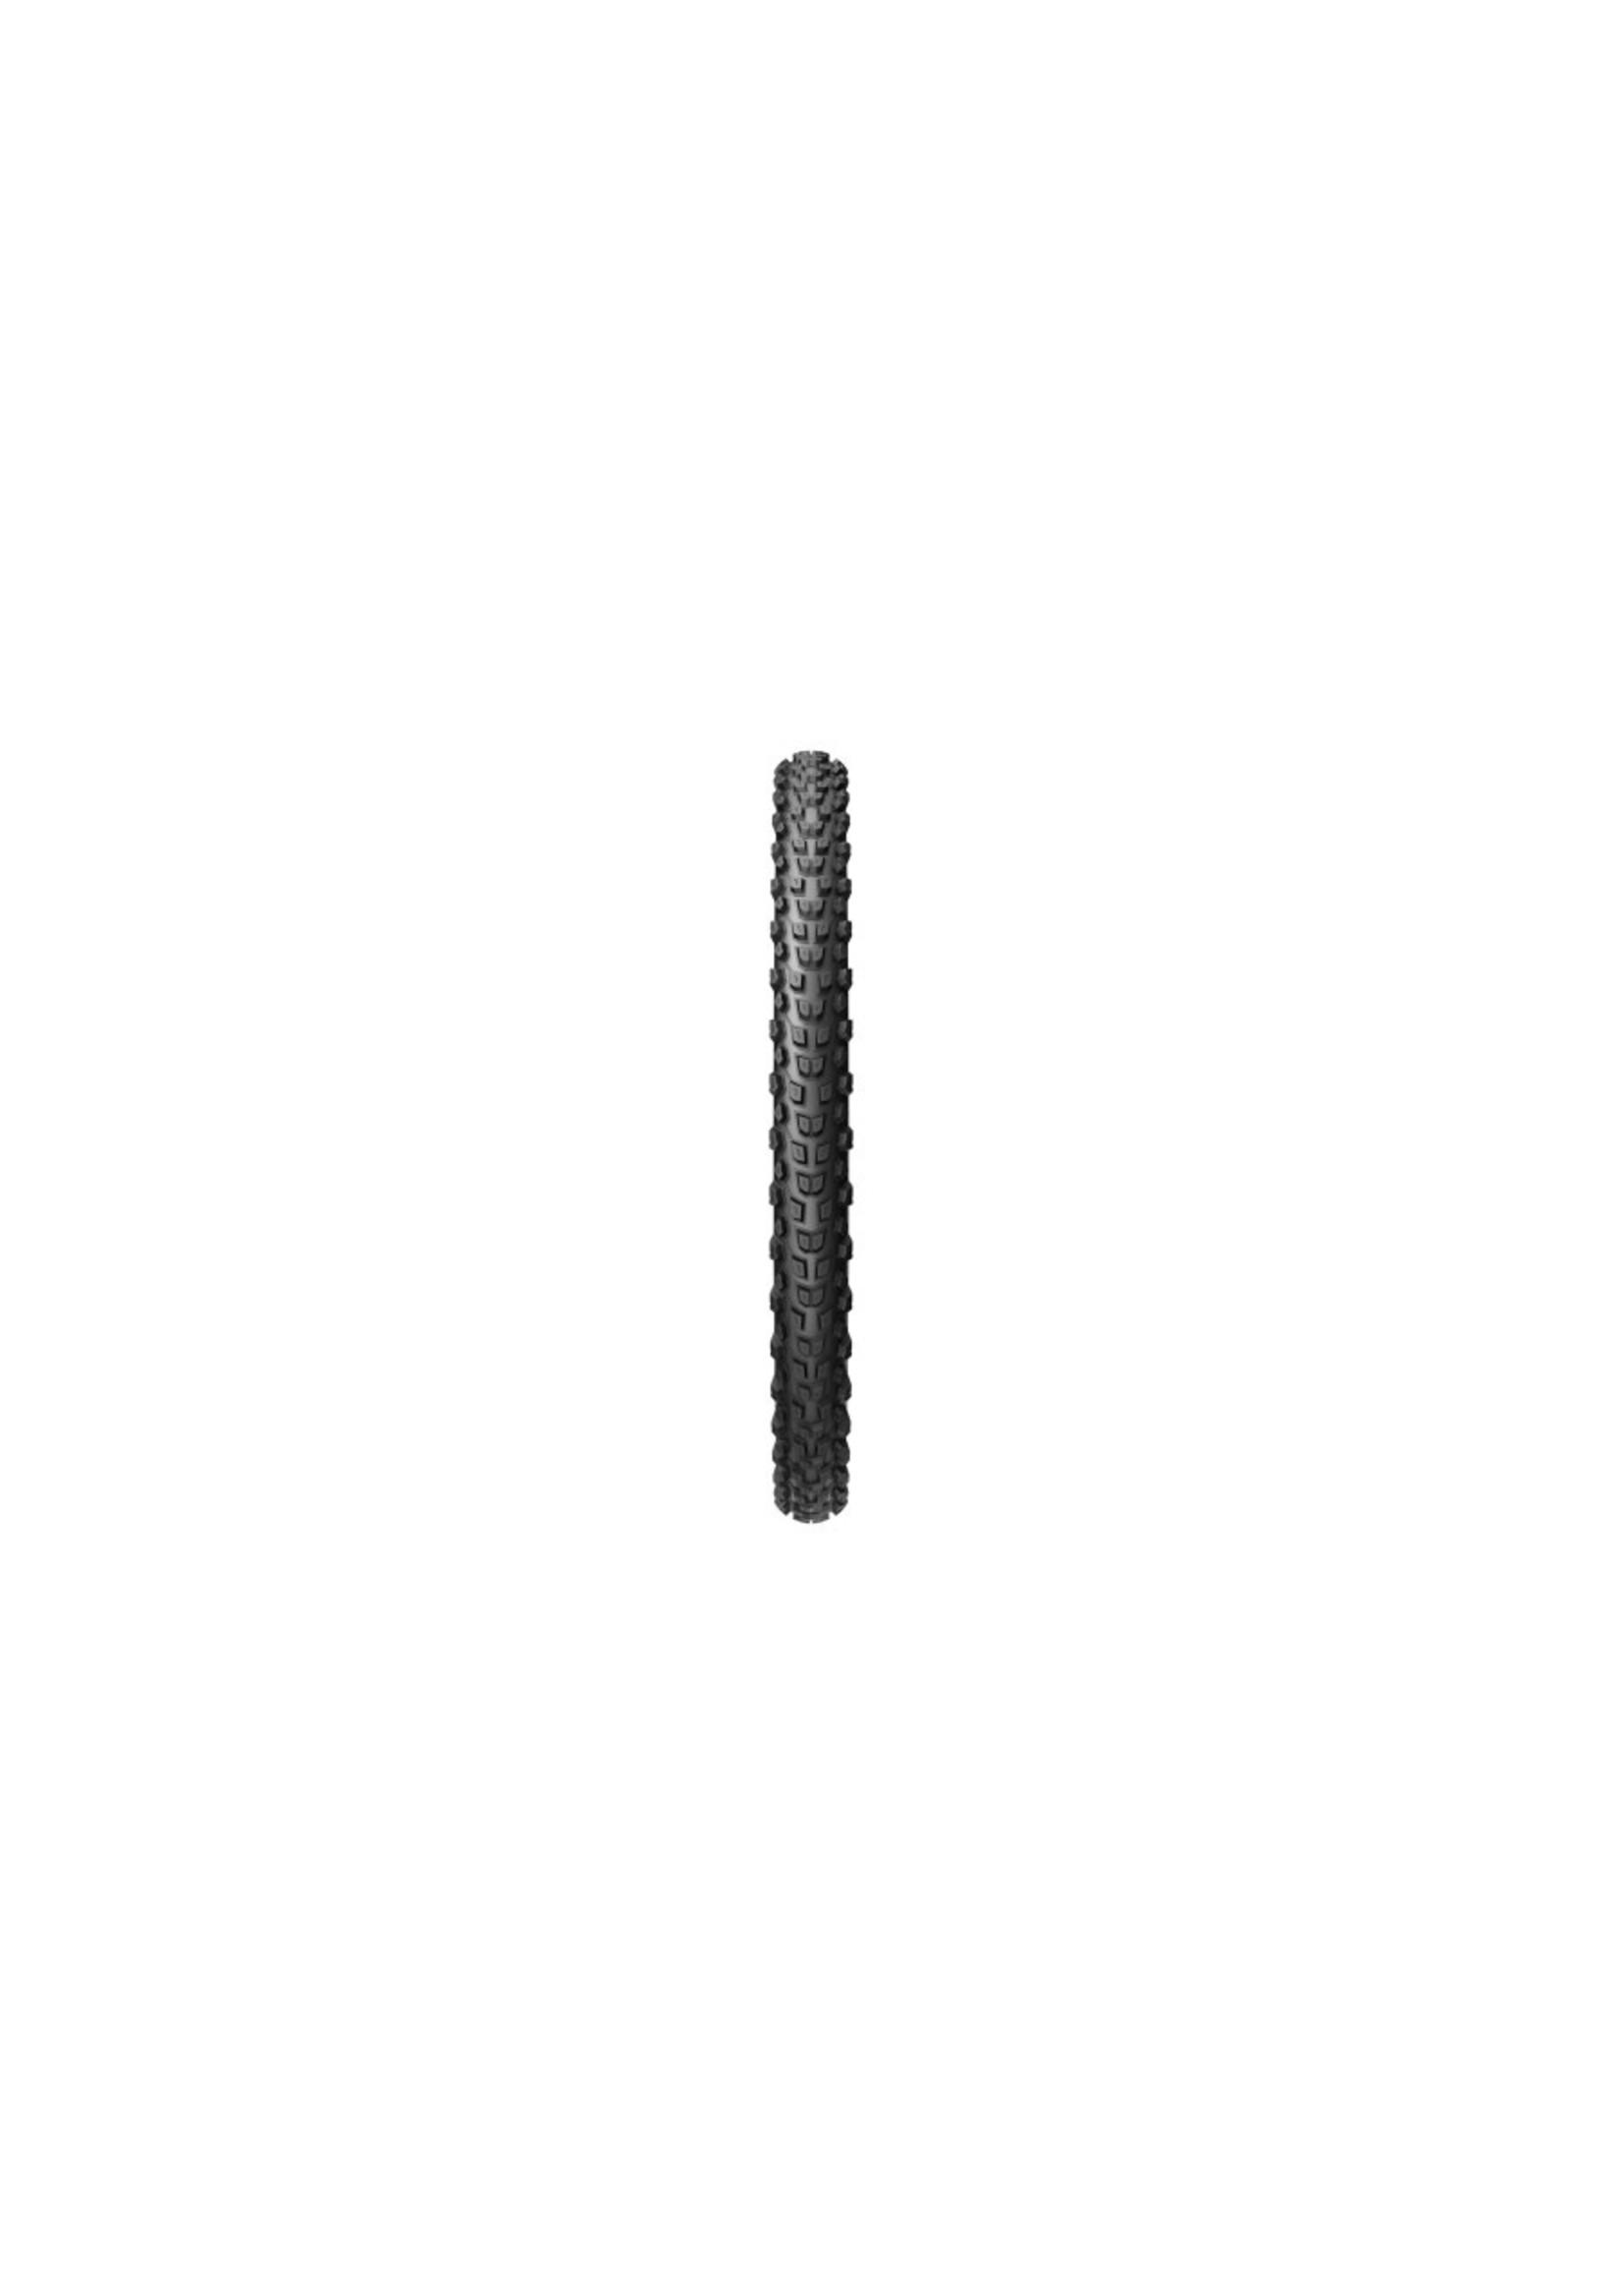 """Pirelli SCORPION TRAIL S BLACK ProWall / 29""""x2.40"""" / 950g"""